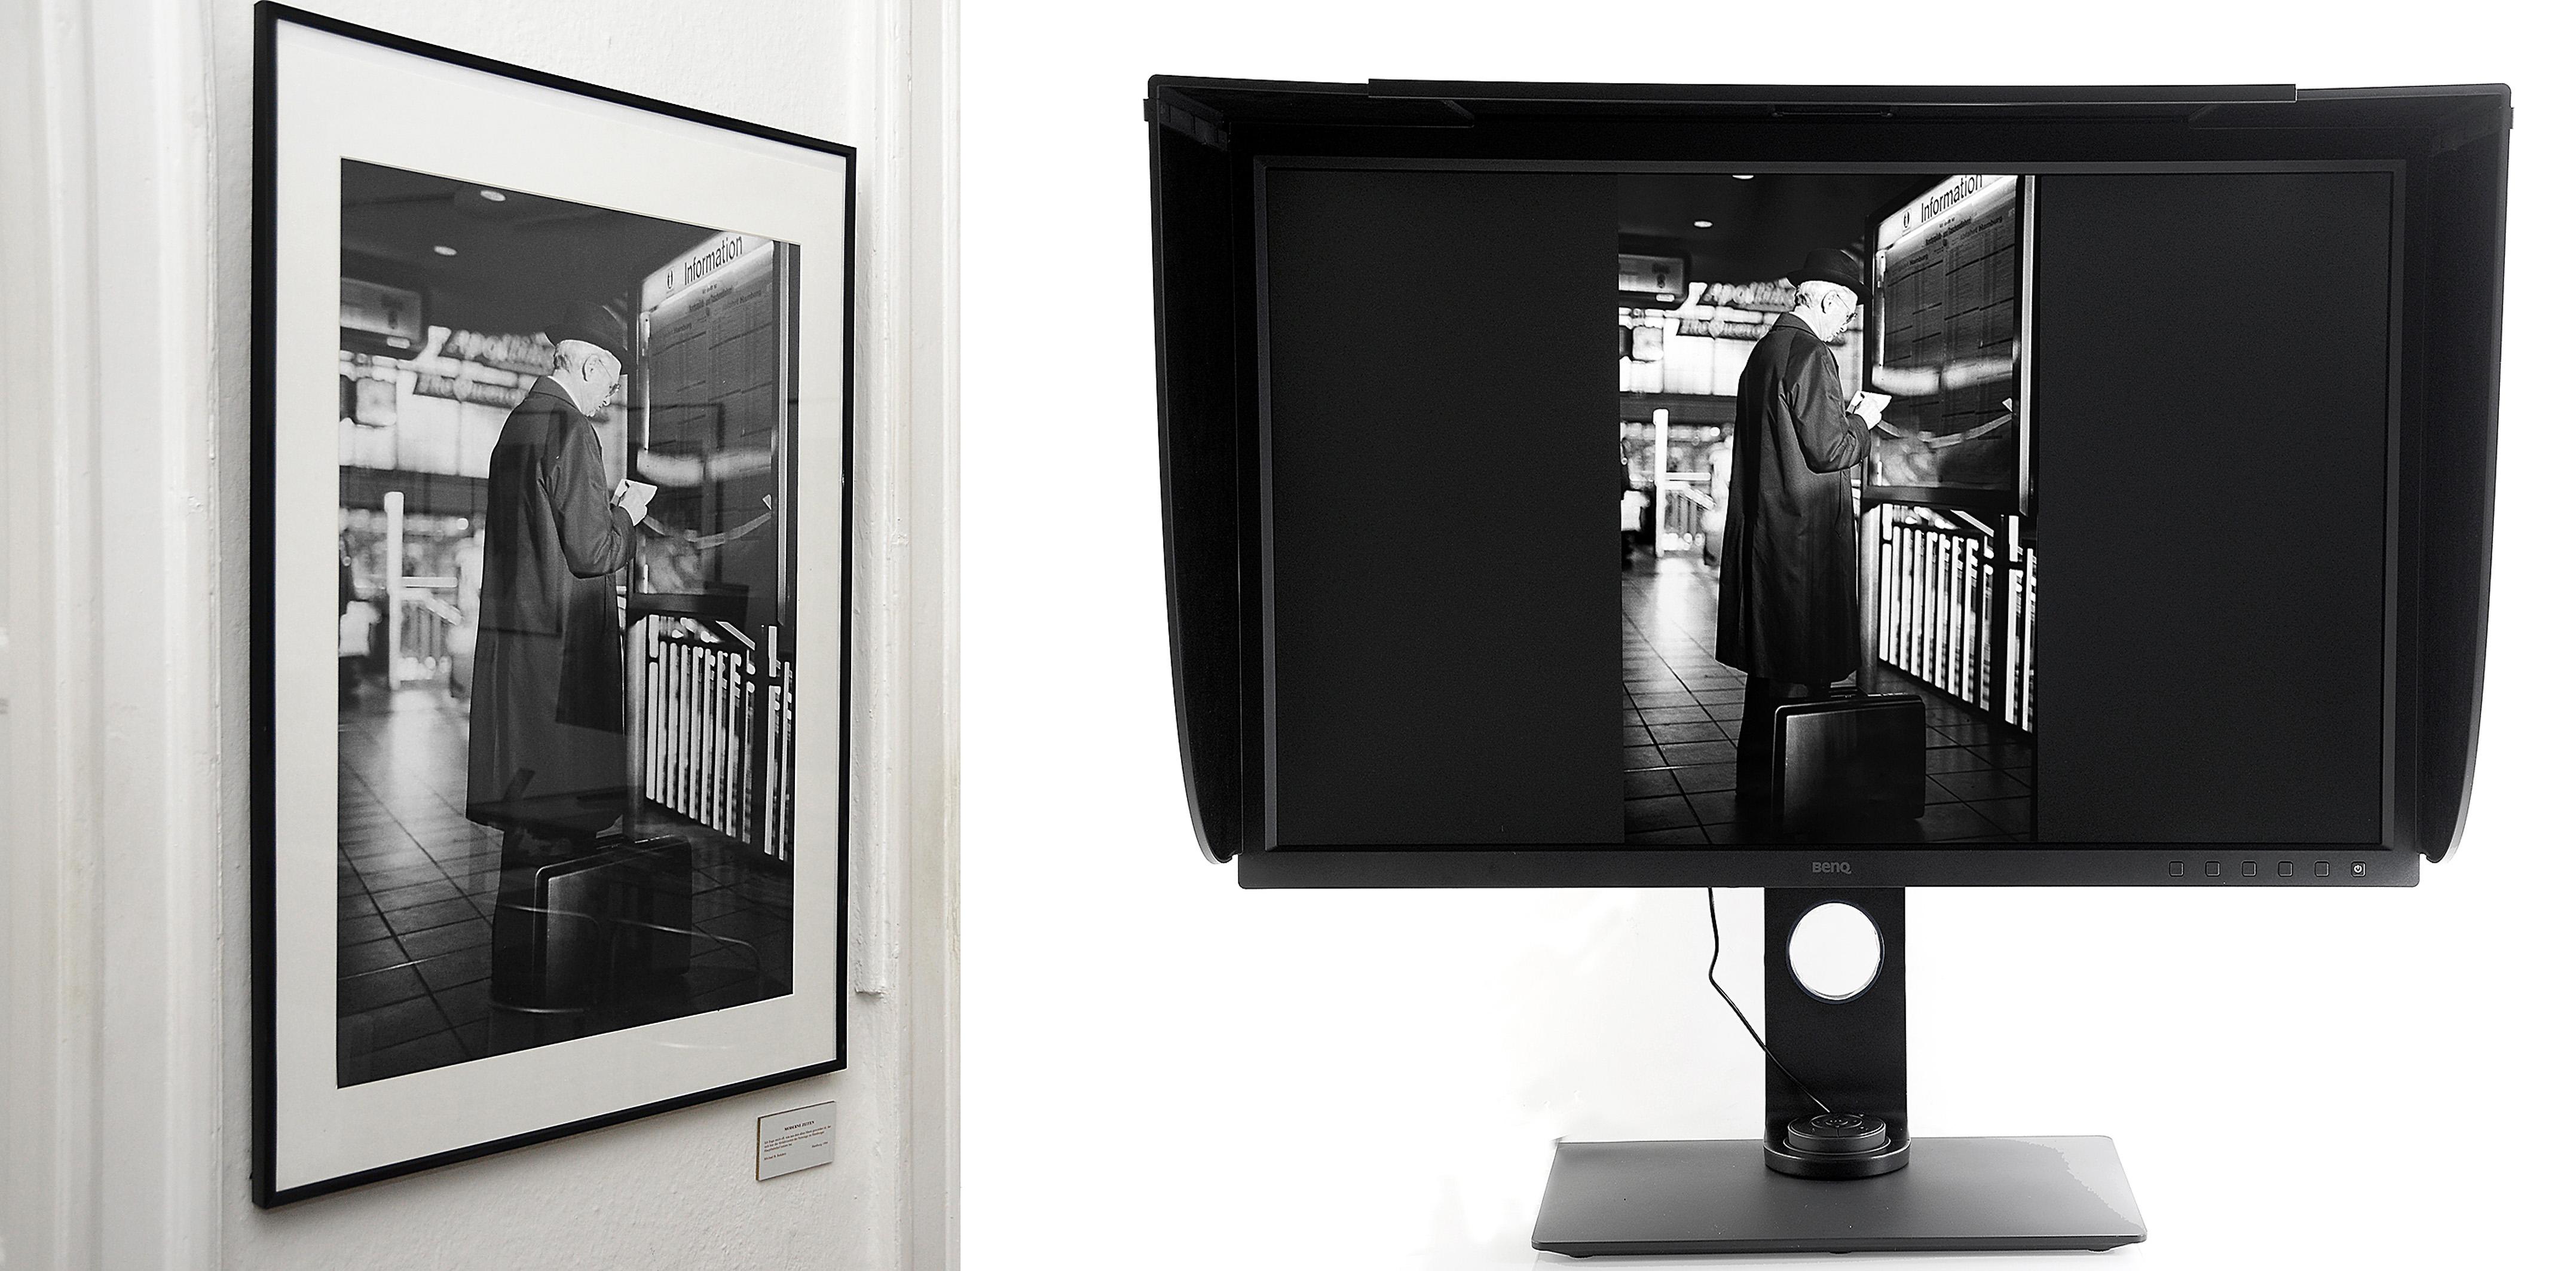 Foto: Michael B. Rehders Nur wenn im gesamten Workflow die jeweiligen Standards eingehalten werden - also vom Fotografen, Grafiker, Printer - erscheint das fertige Bildwerk (links) exakt so wie es der Fotograg (rechts) während der digitalen Weiterverarbeitung vorgesehen hat.